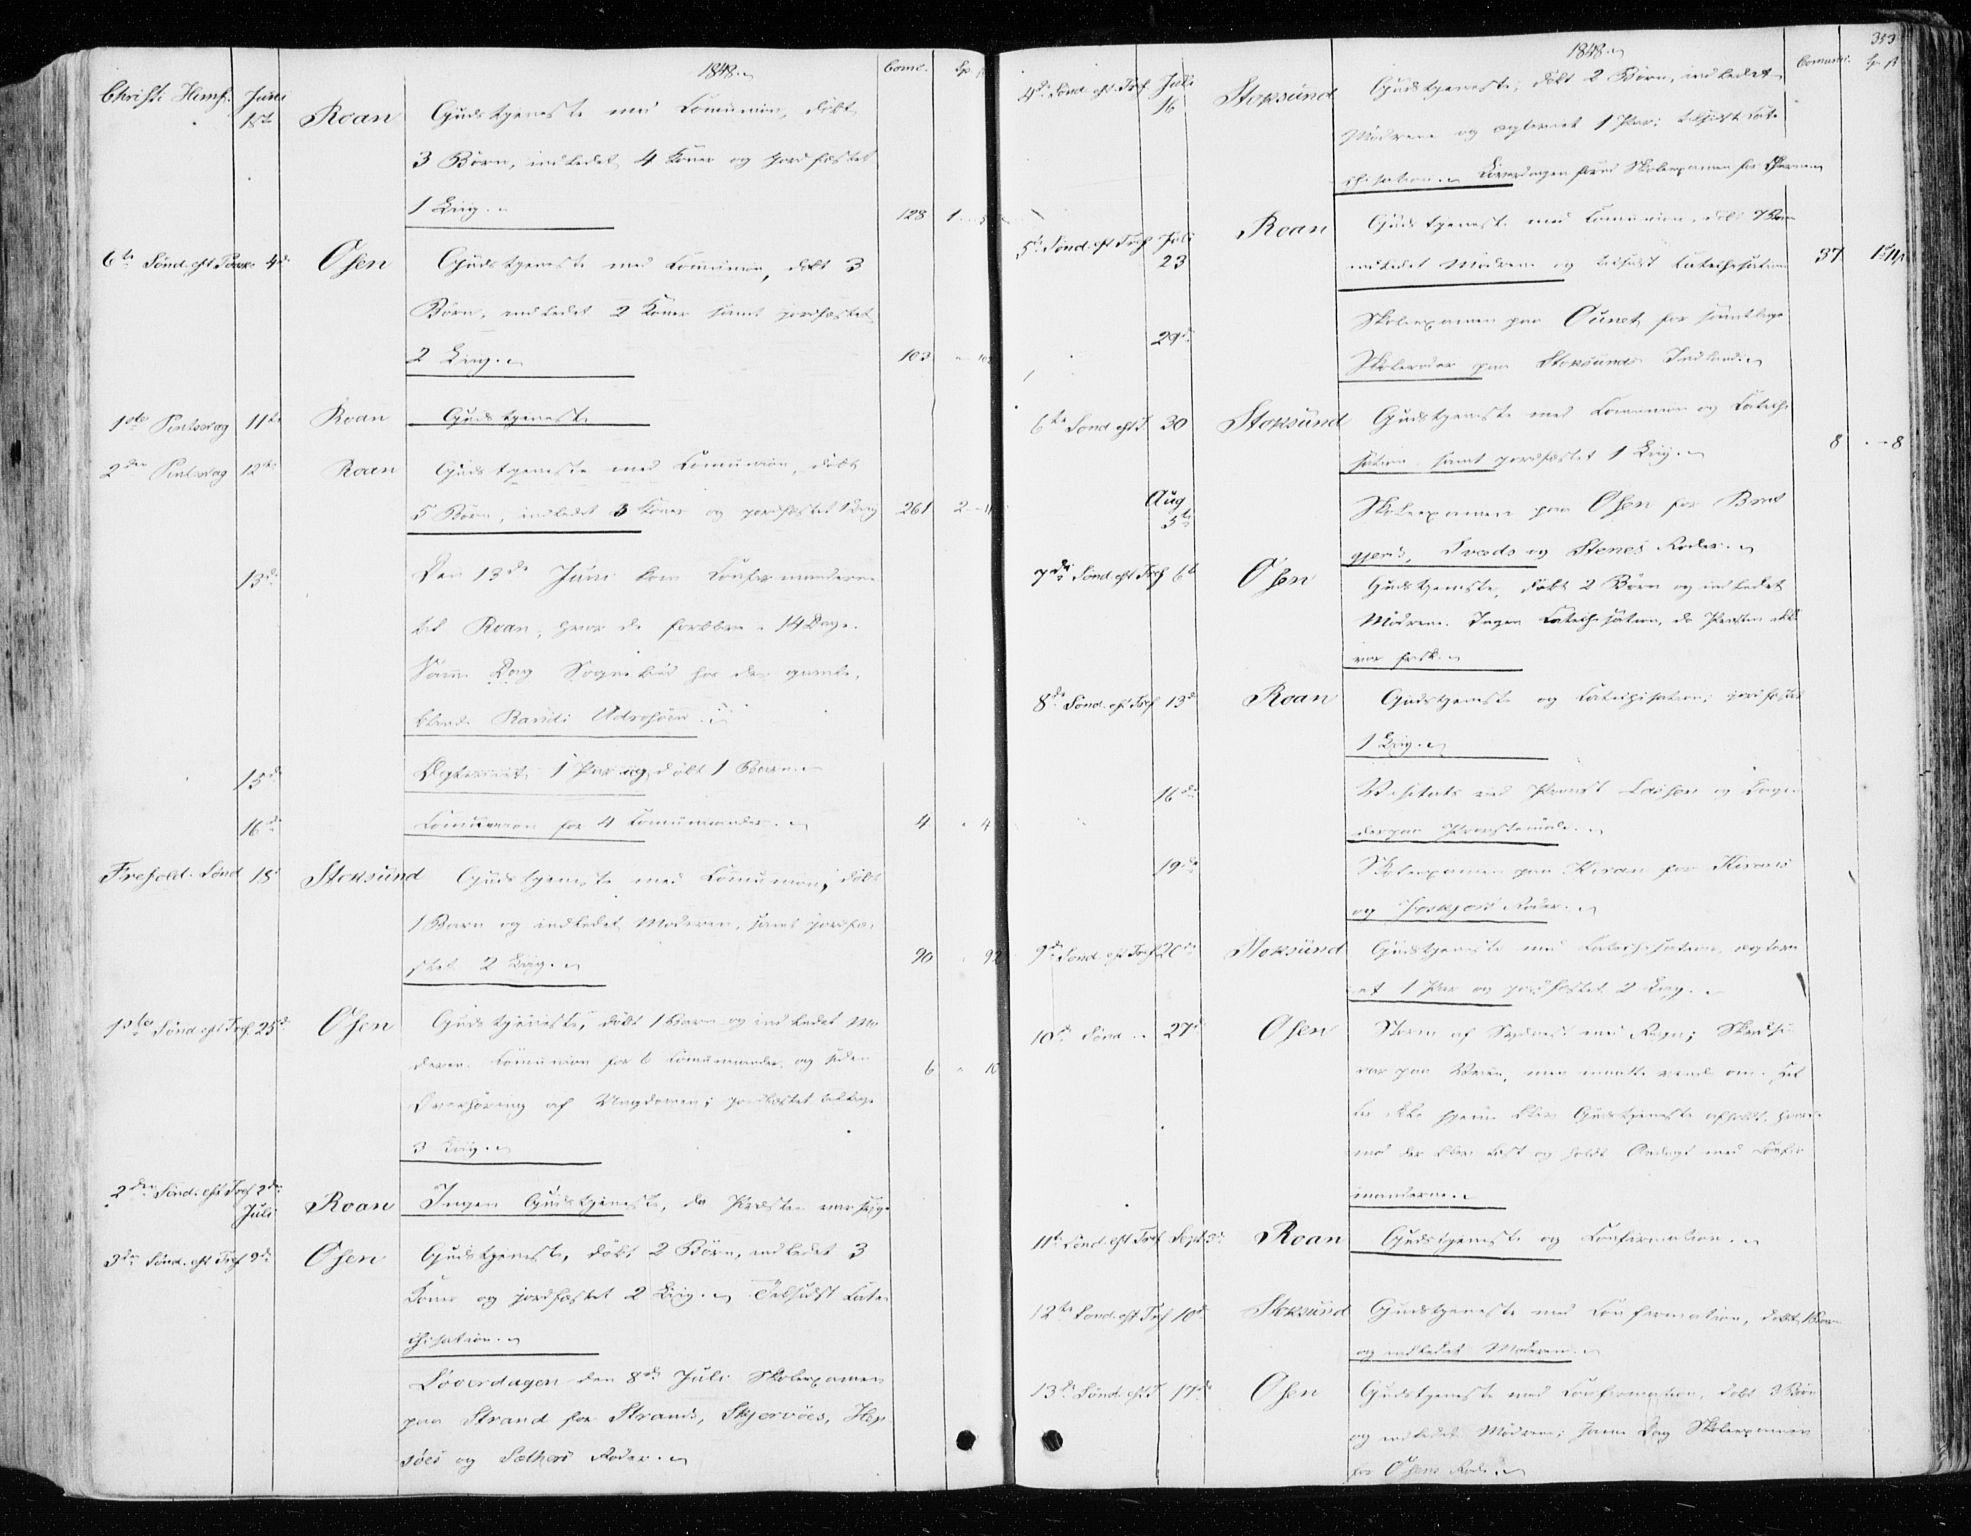 SAT, Ministerialprotokoller, klokkerbøker og fødselsregistre - Sør-Trøndelag, 657/L0704: Ministerialbok nr. 657A05, 1846-1857, s. 353